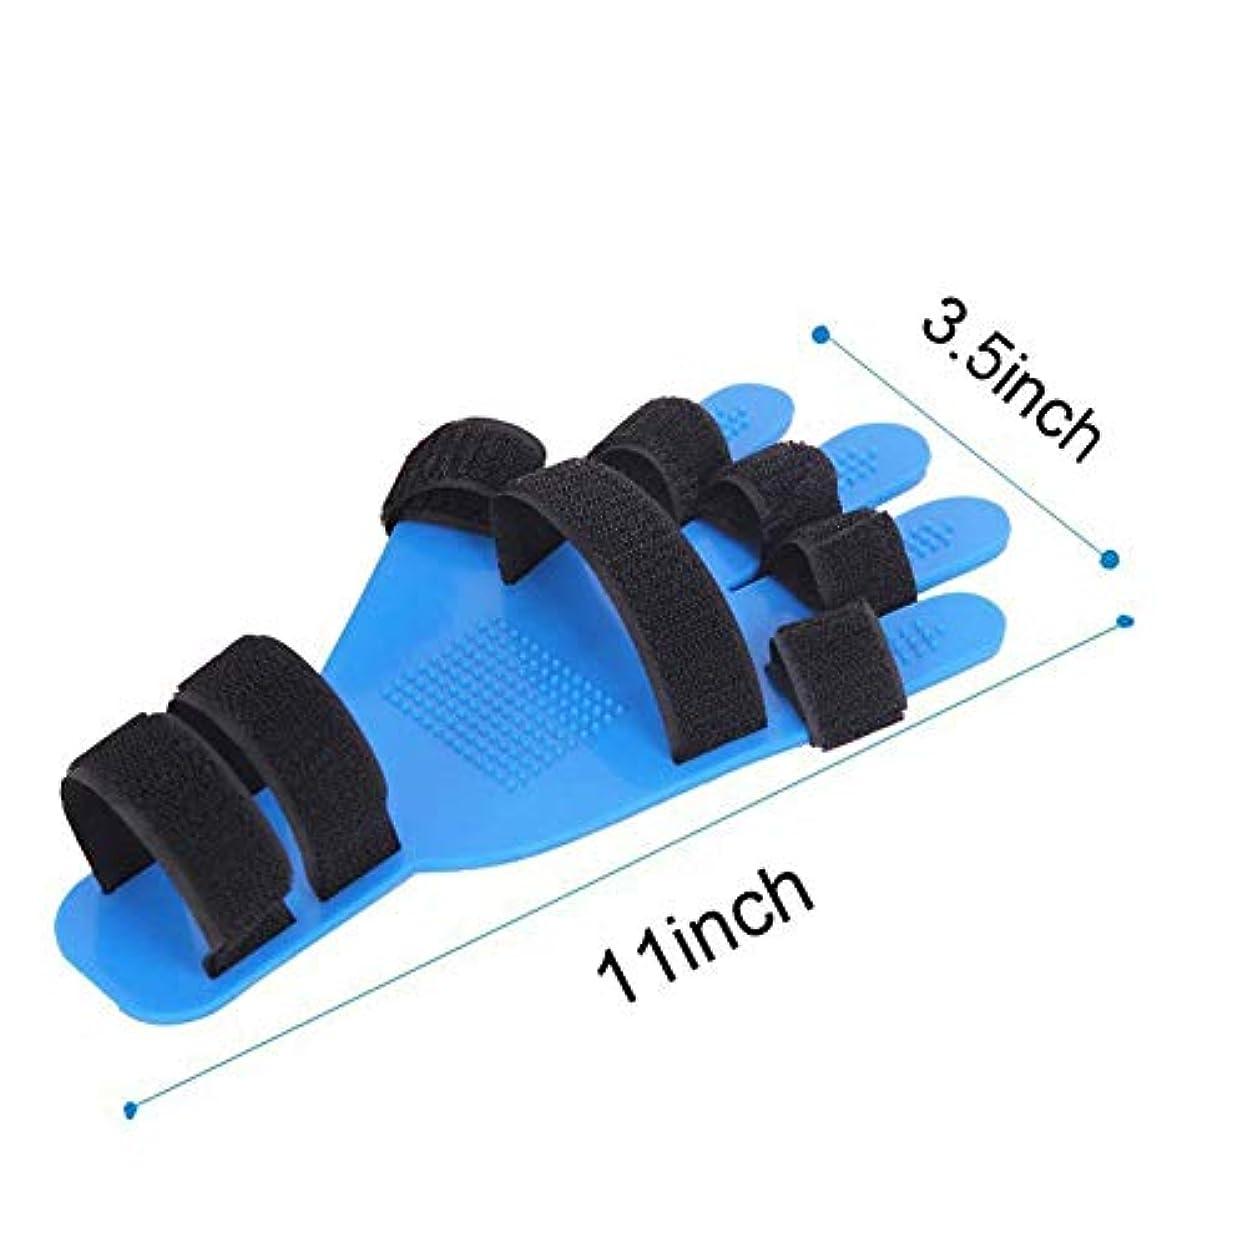 チューブエキゾチックメドレーインソールには指をポイント指、指スプリント指指セパレーター、脳卒中/片麻痺/外傷性脳損傷のために手の手首の装具別のデバイス、指のトレーニングリハビリ機器